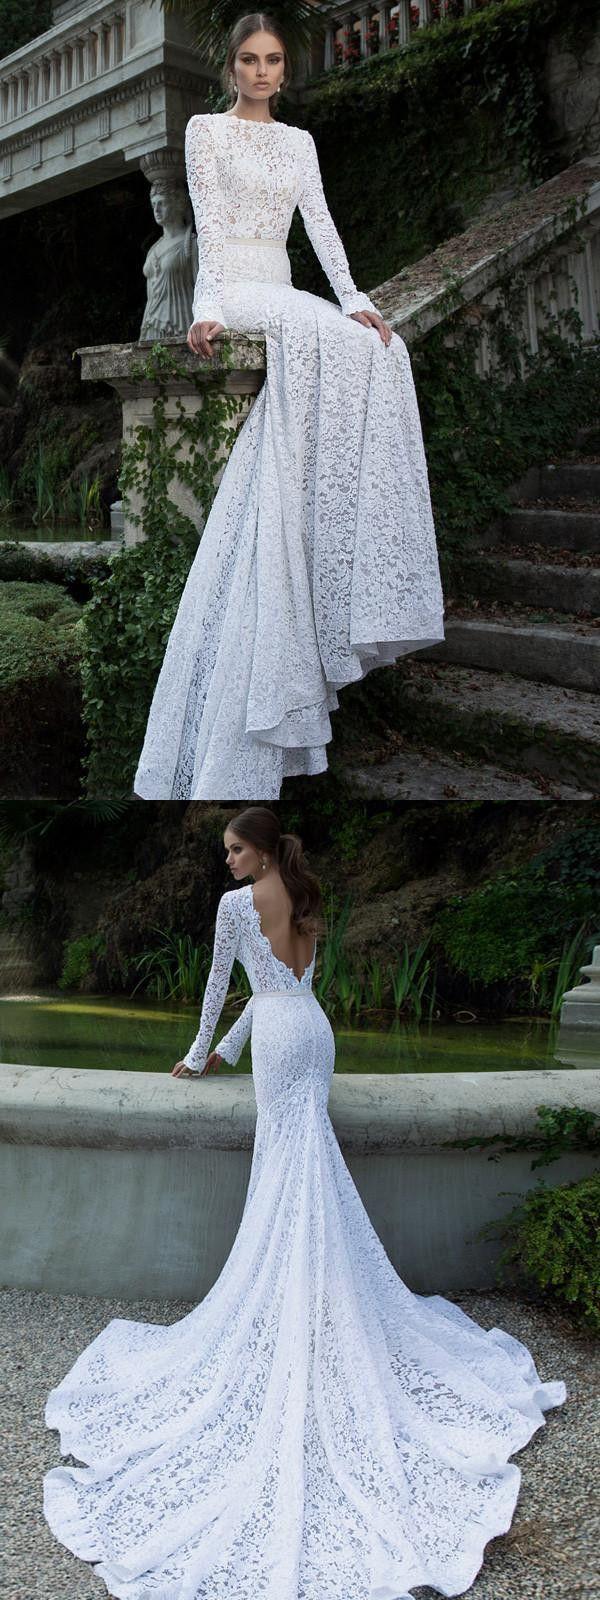 Wedding Dresses Lace Wedding Dresses Vintage Wedding Dresses Simple Modest Wedding Dresses Wedding Dre Wite Prom Dresses Prom Dresses Lace Wedding Dresses Lace